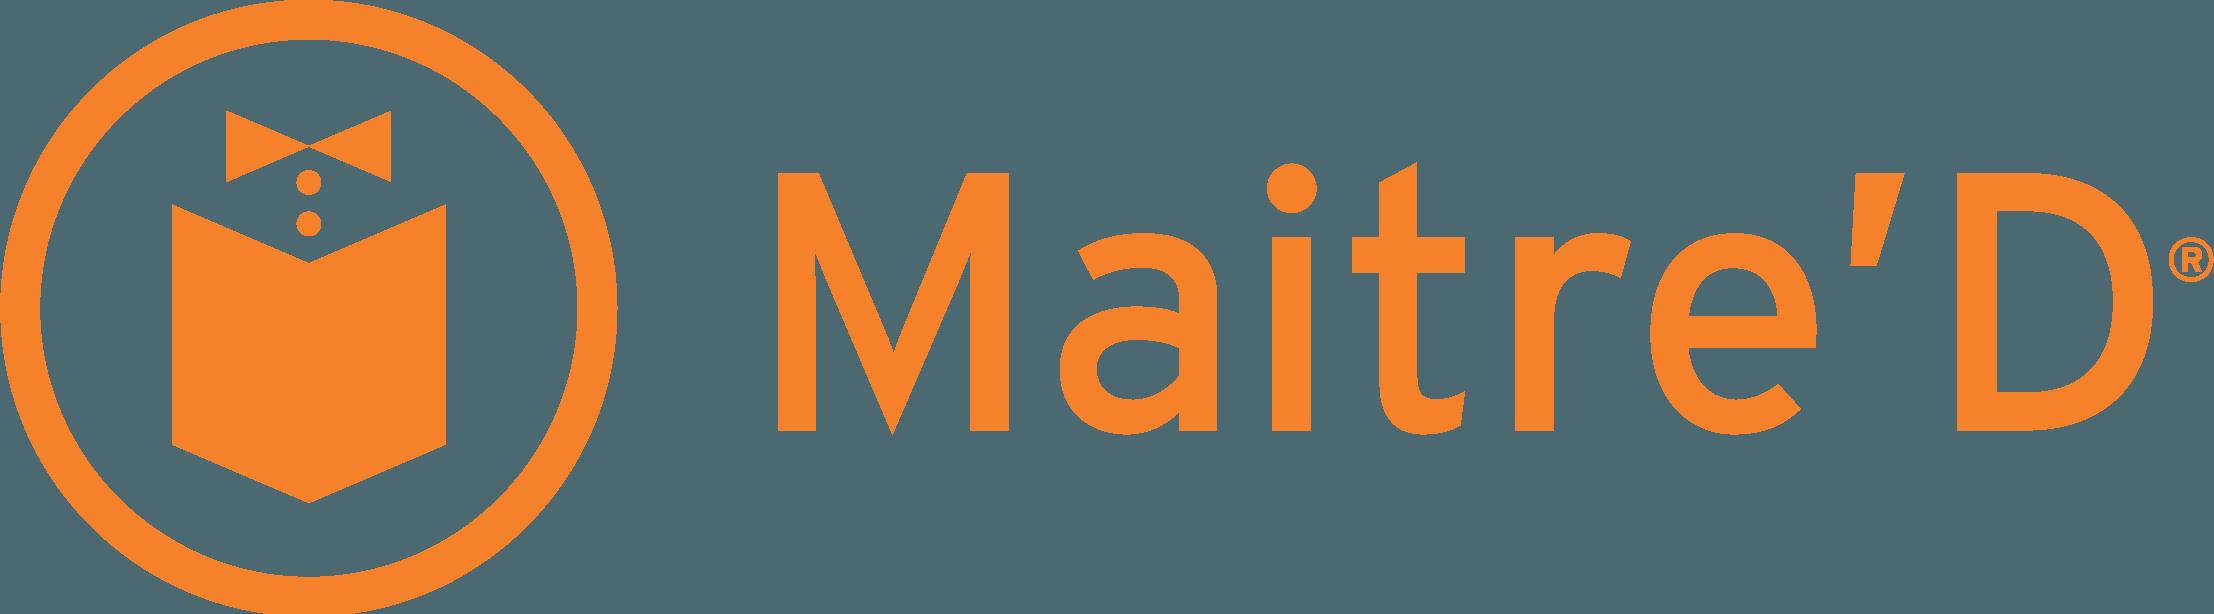 Maitre'd POS Reviews